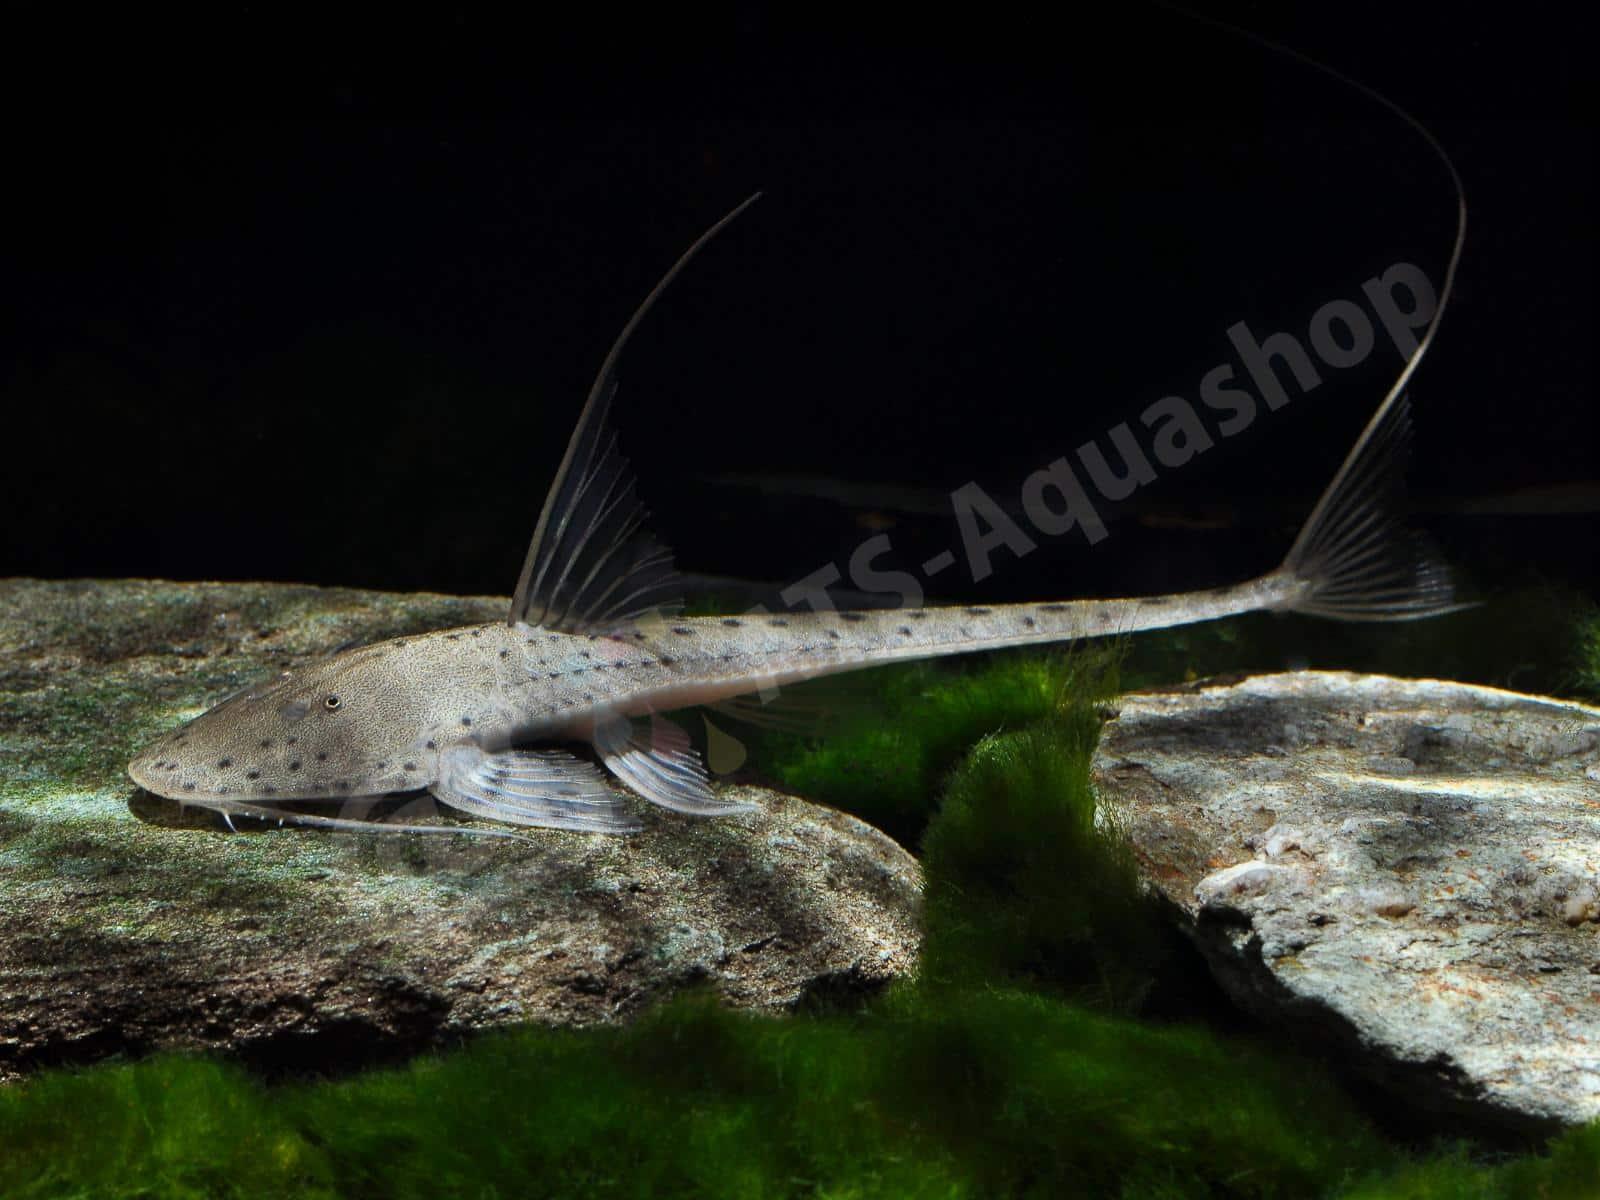 planiloricaria cryptodon enrico richter 0074 8